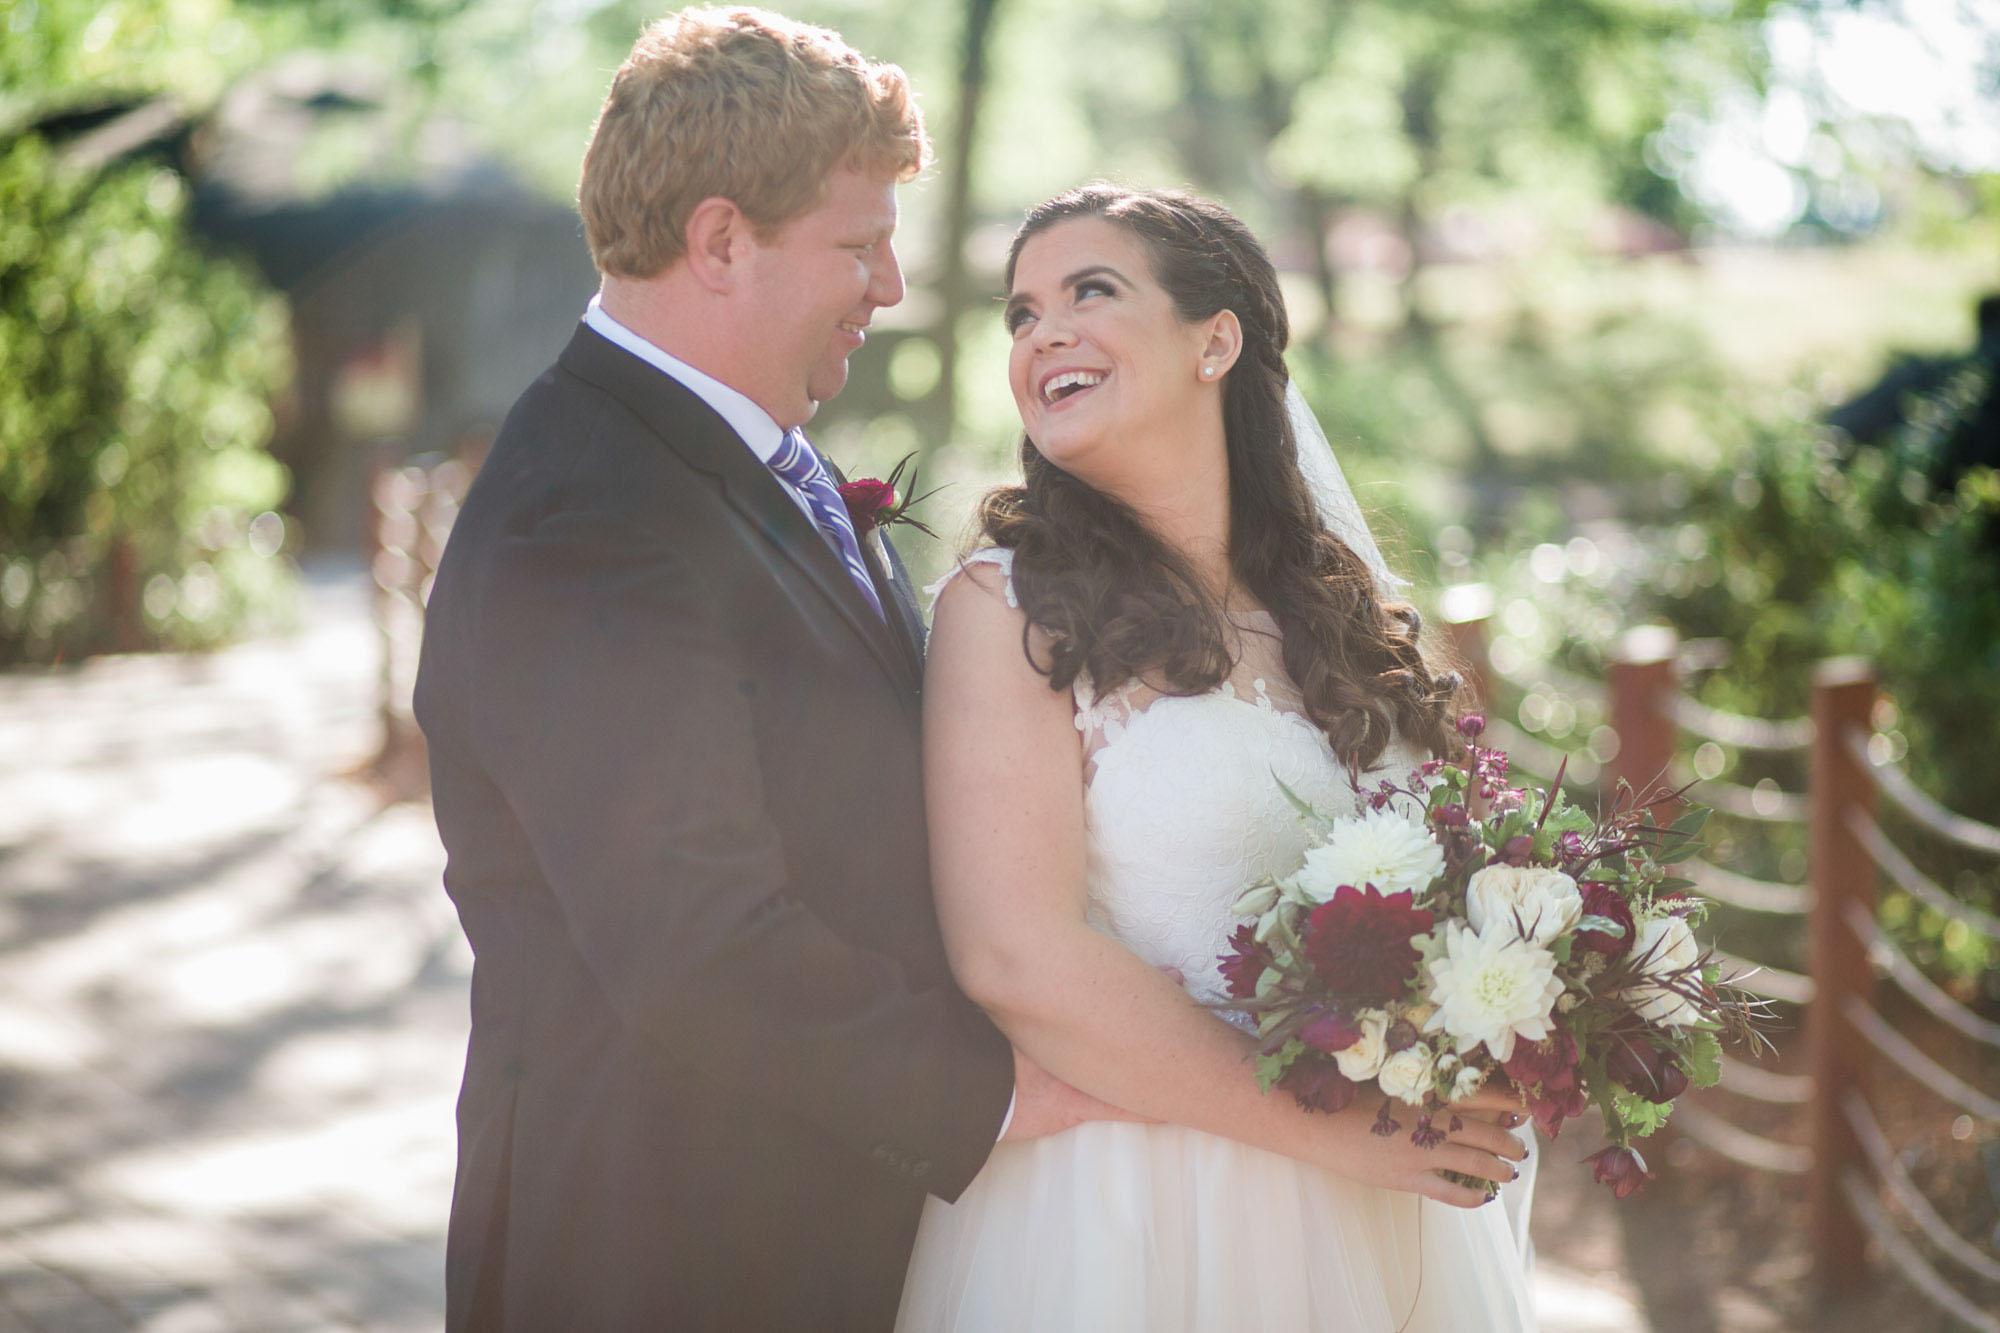 toledo-zoo-wedding-pictures-39.jpg